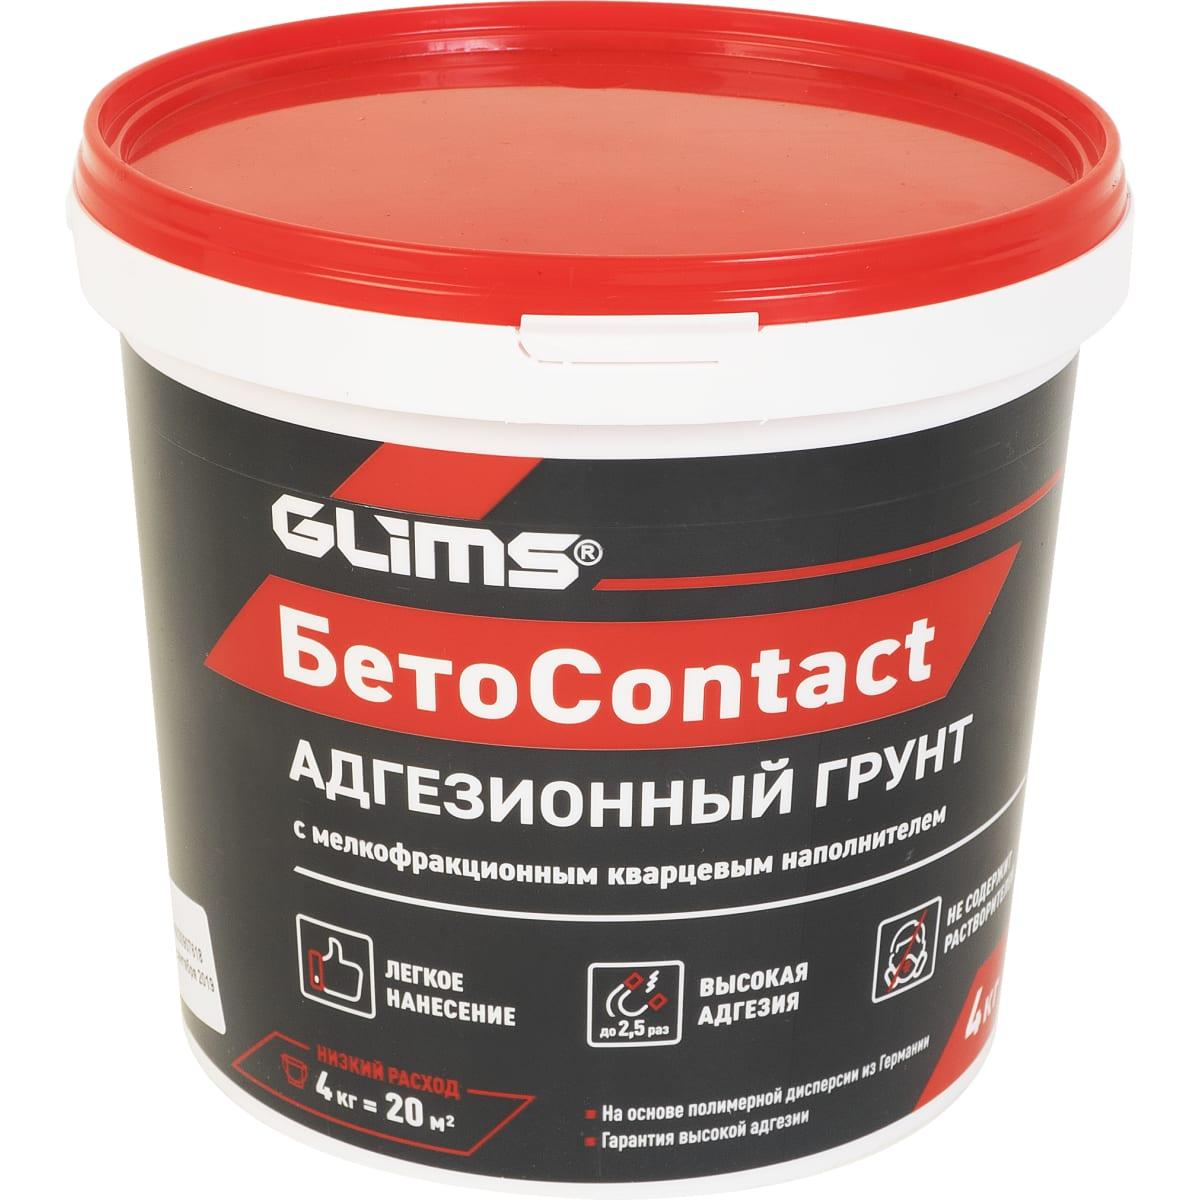 Купить бетон контакт в оренбурге купить бетон в рославле смоленской области с доставкой